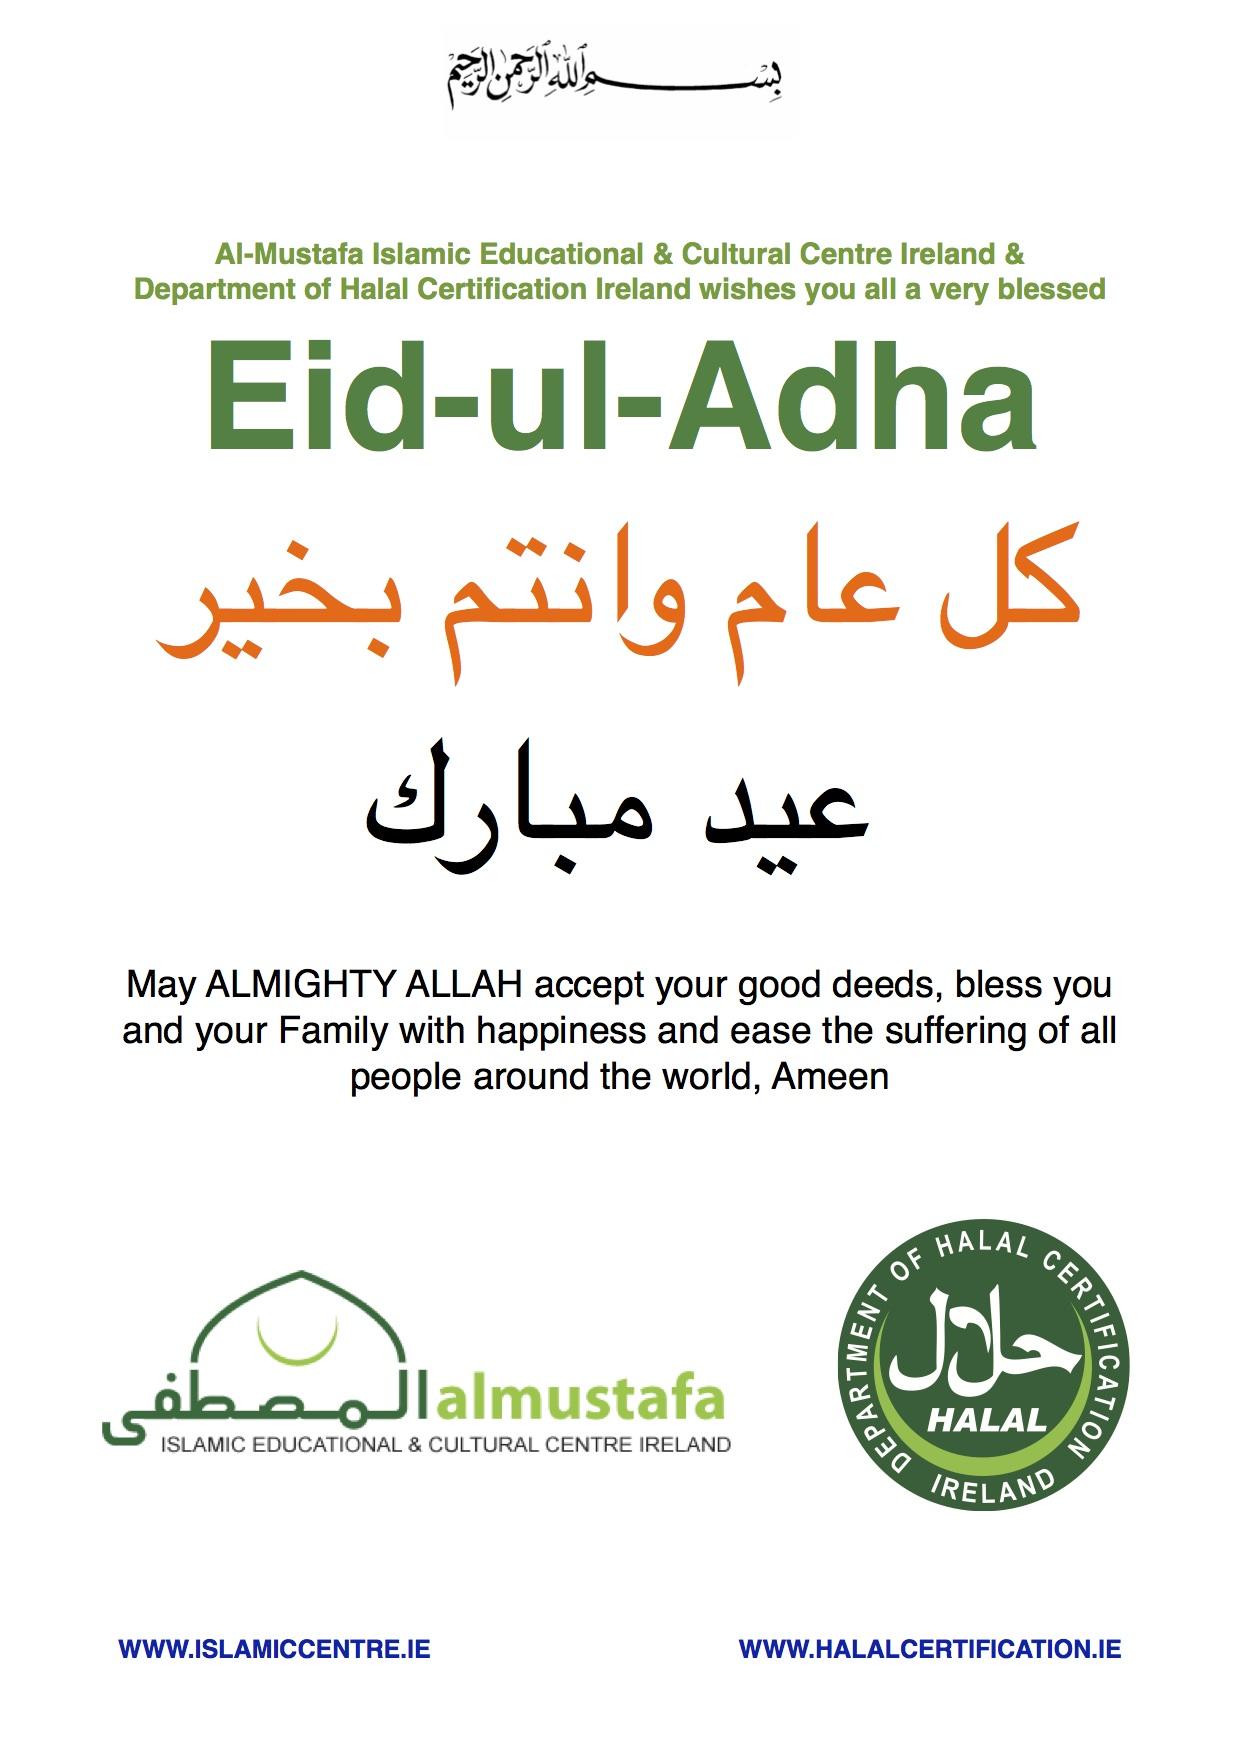 eid card masjid